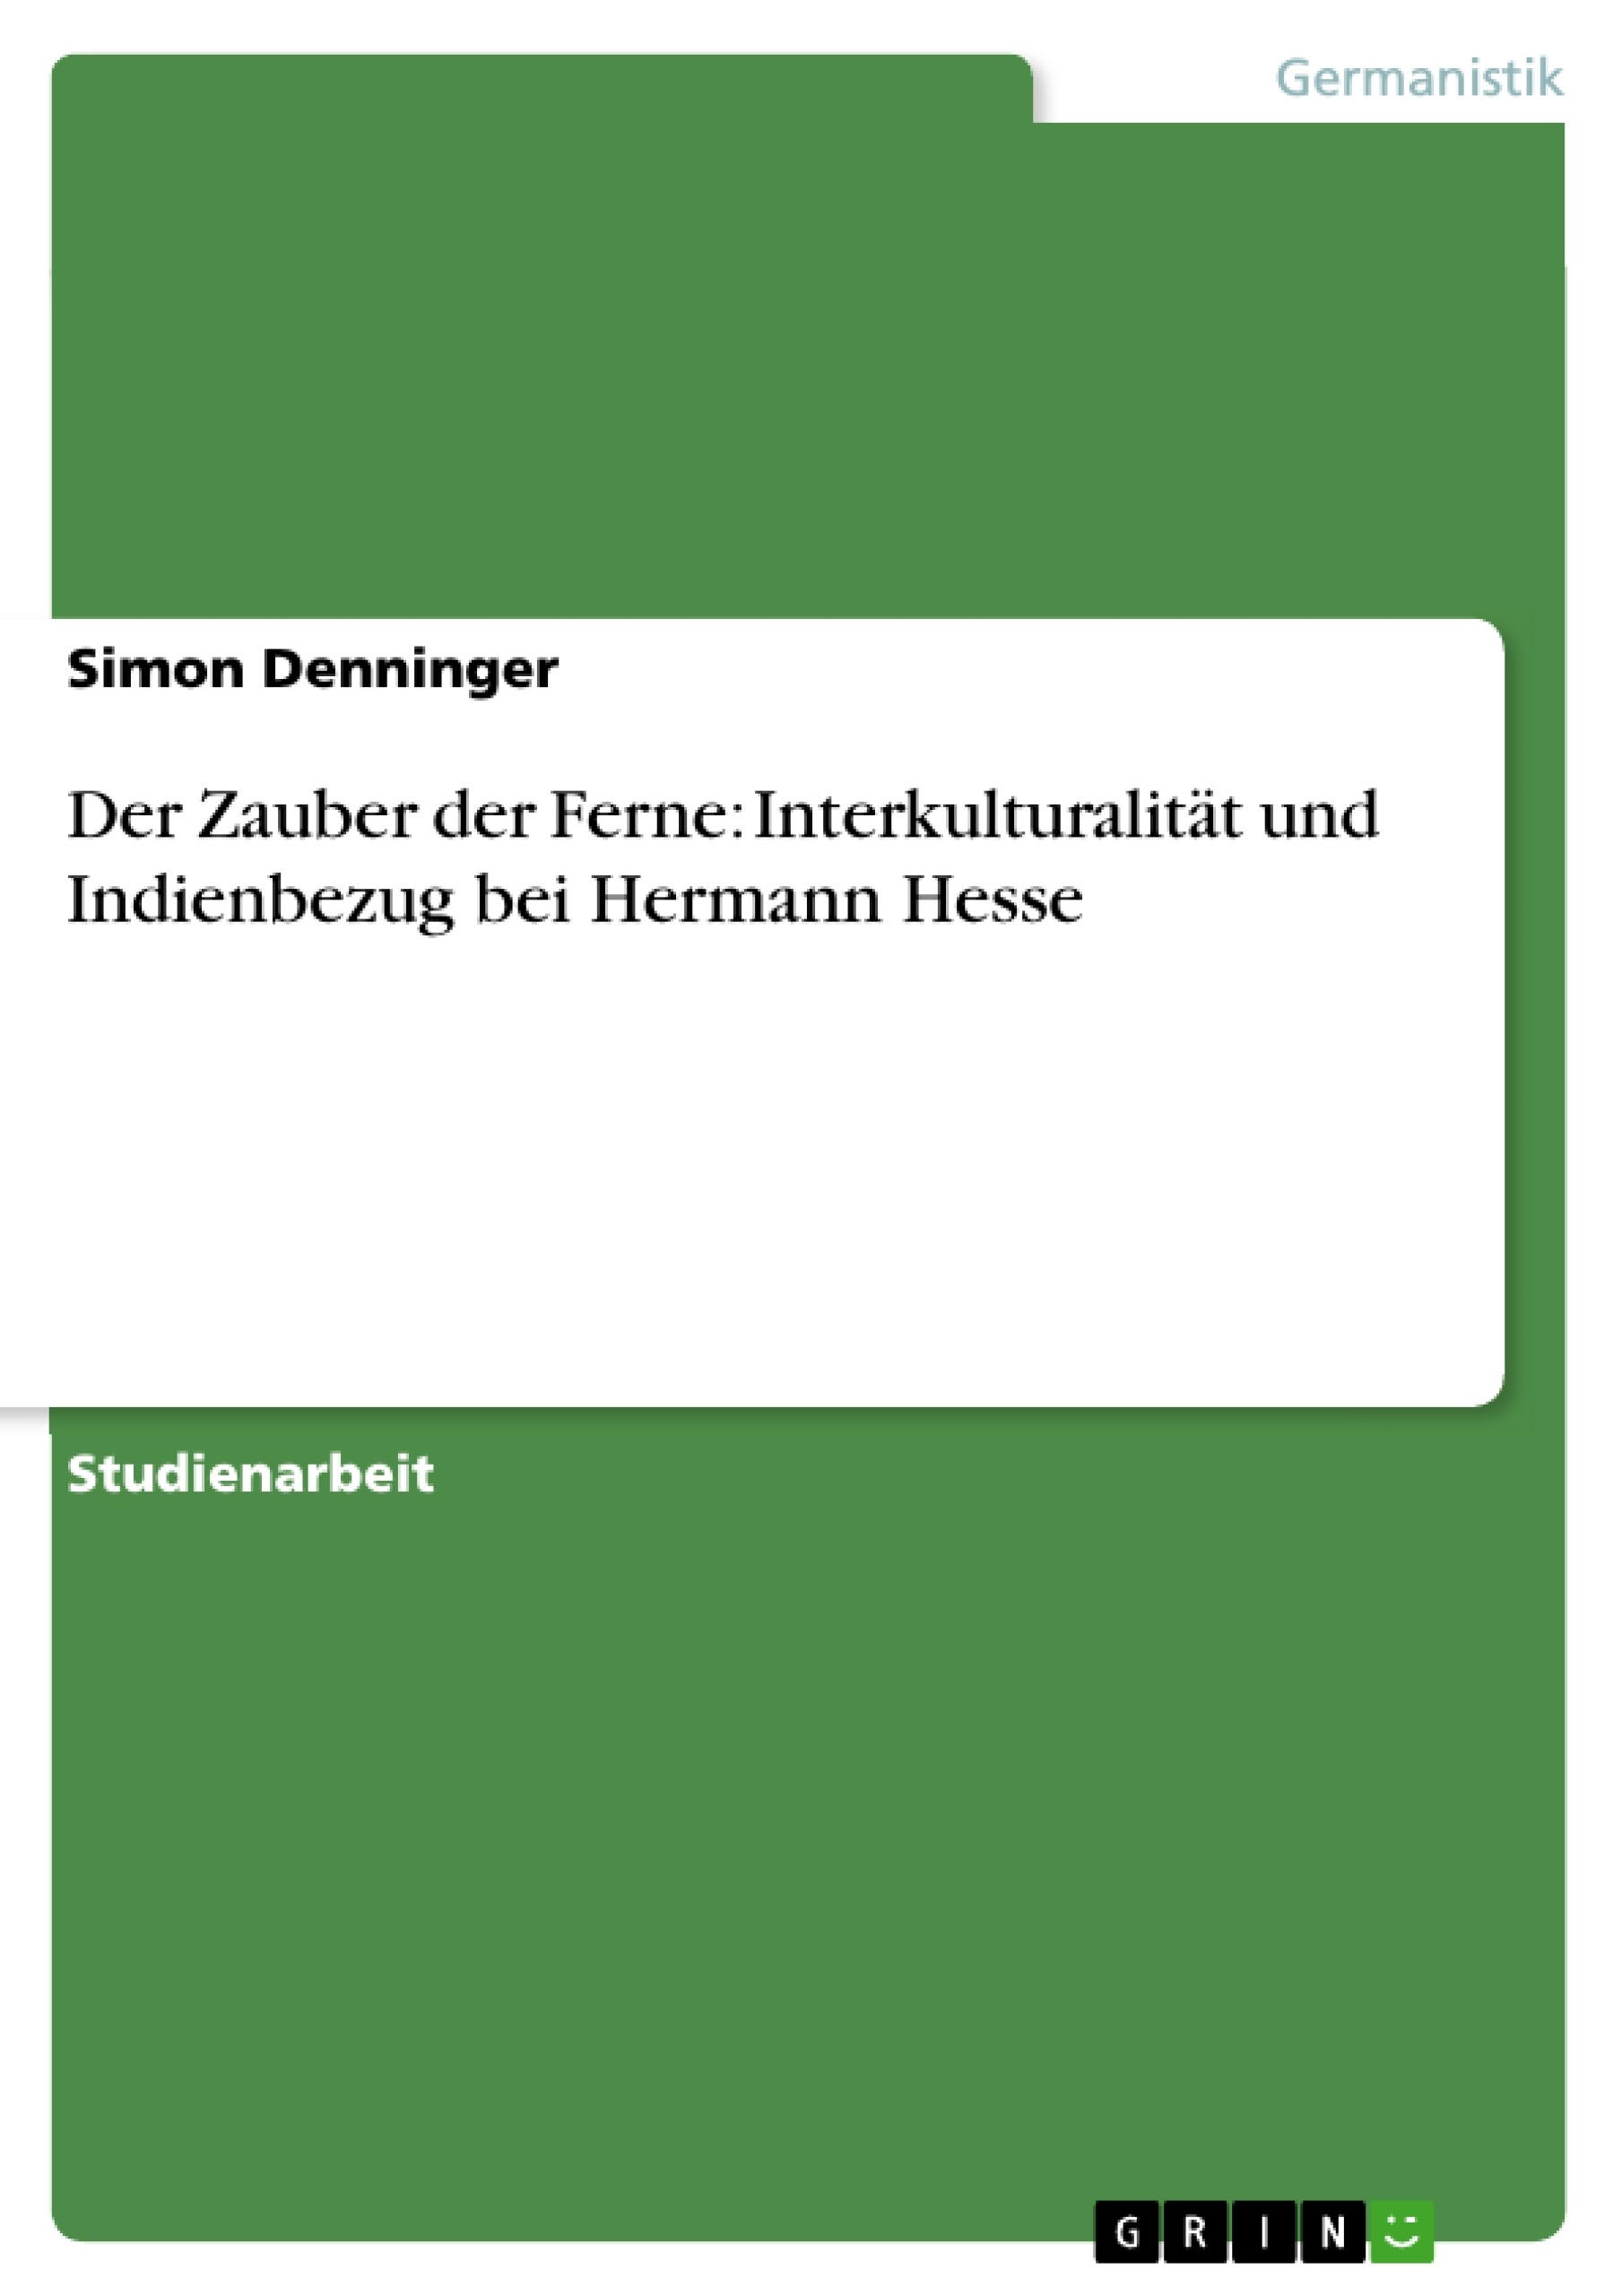 Titel: Der Zauber der Ferne: Interkulturalität und Indienbezug bei Hermann Hesse